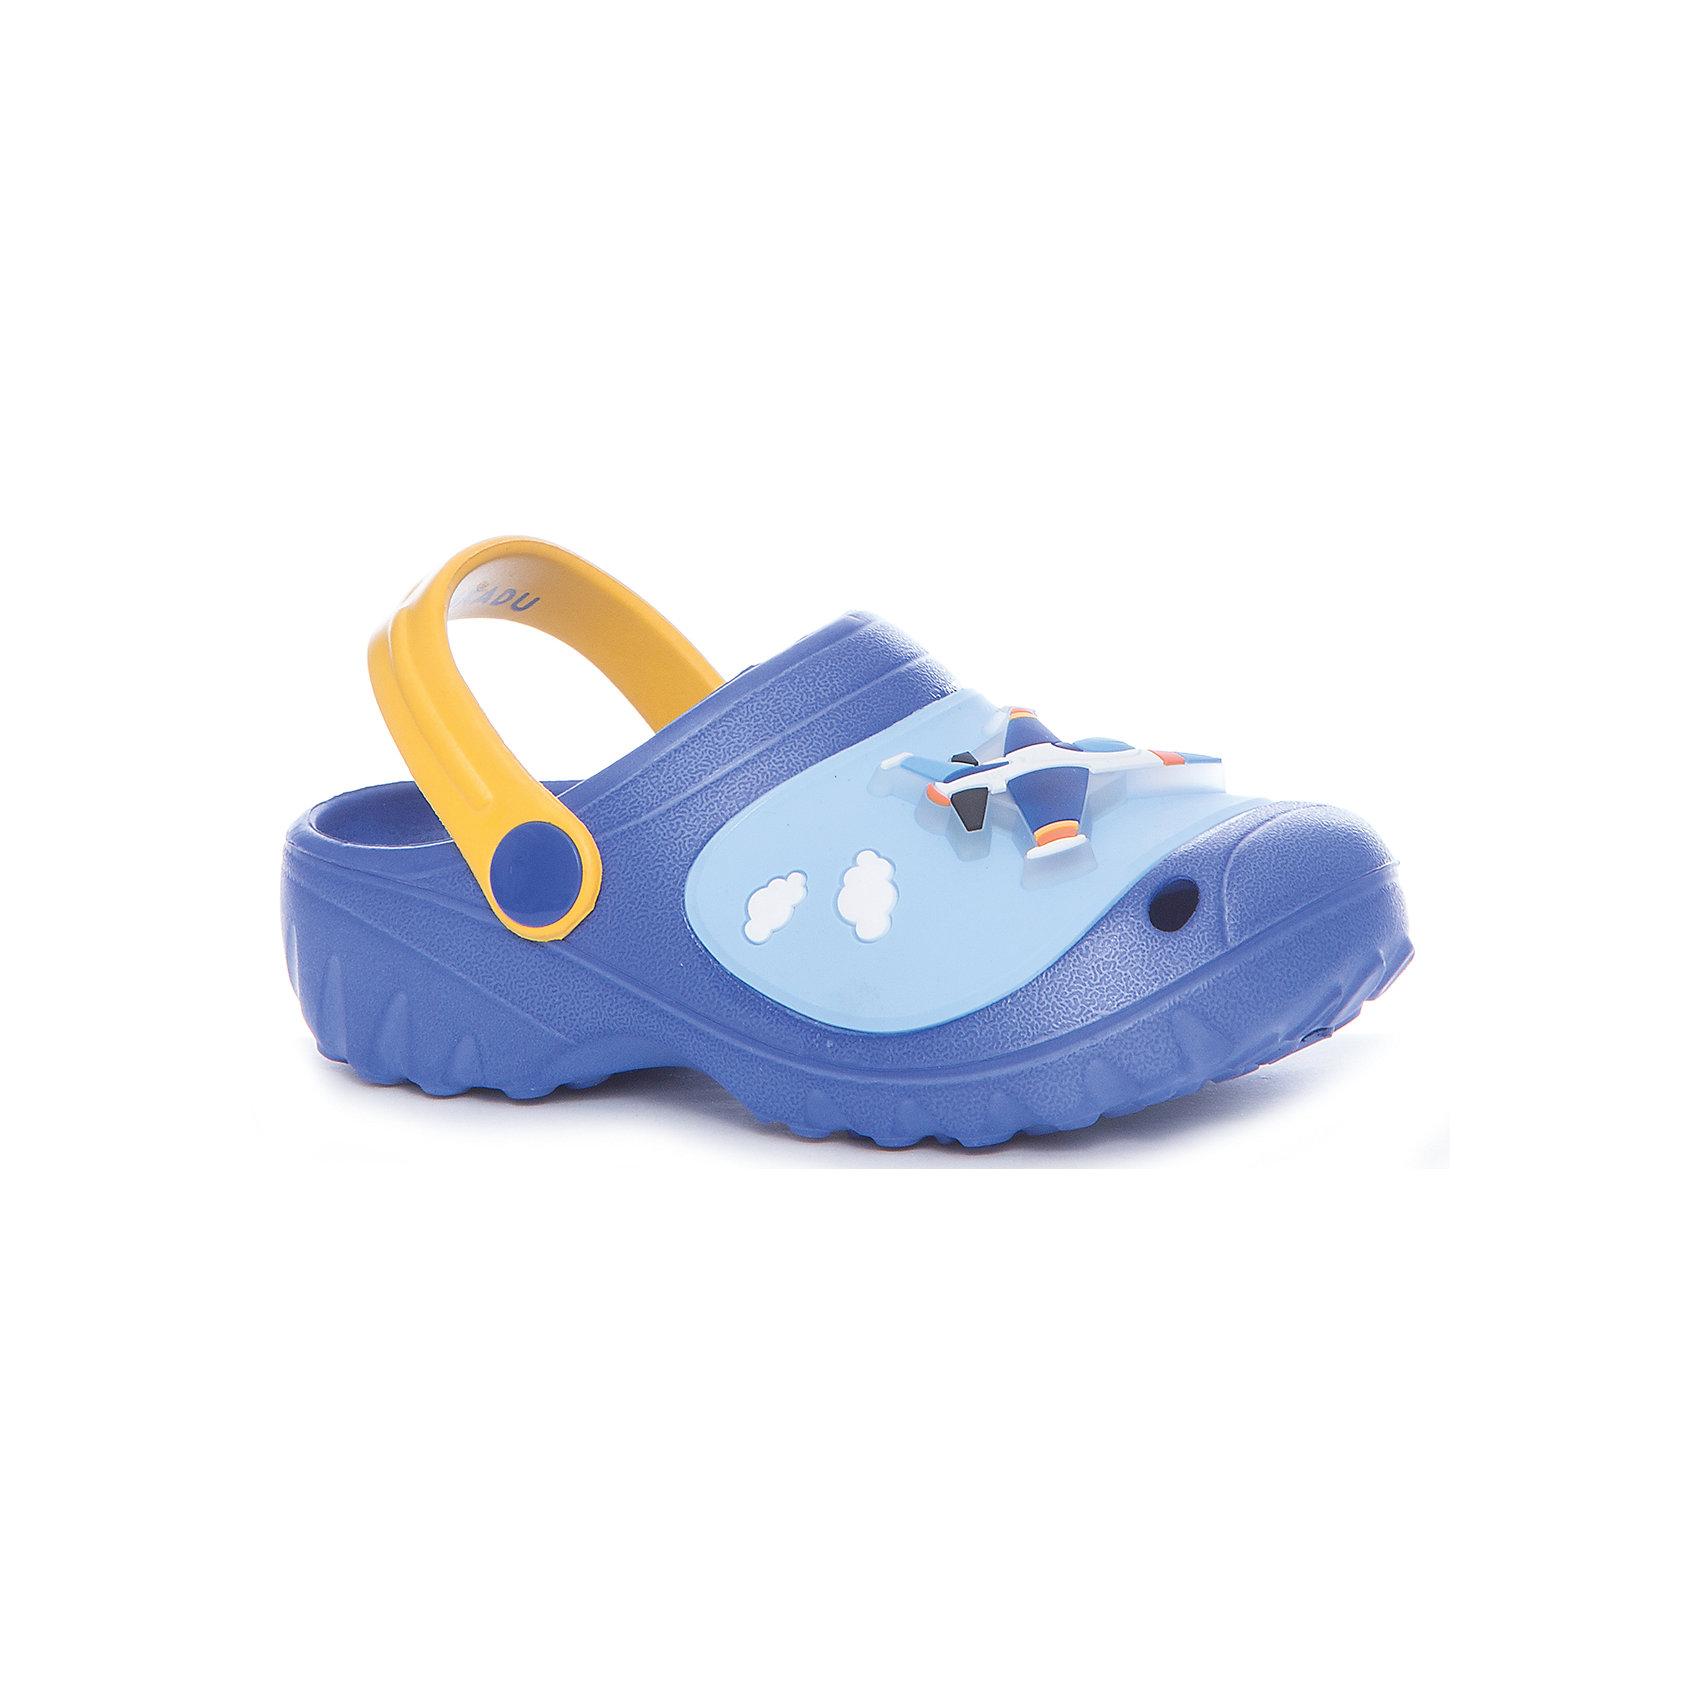 Шлёпанцы пляжные для мальчика KAKADUПляжная обувь<br>Характеристики:<br><br>• цвет: синий<br>• внешний материал: ПВХ, ЭВА<br>• внутренний материал: ПВХ, ЭВА<br>• стелька: без стельки<br>• Подошва: ПВХ, ЭВА<br>• высота подошвы: 1,5 см<br>• шлёпанцы со светодиодами в декортивных элементах<br>• назначение обуви: для пляжа<br>• сезон: лето<br>• тип подошвы: рифлёная<br>• уход: удаление загрязнений мягкой щеткой<br><br>Туфли для девочки KAKADU от Сrossway – это обувь, которая характеризуется высокими качественными и потребительскими характеристиками: прочная, удобная и при этом модная, и яркая! Туфли предназначены для пляжа или для бассейна. Они выполнены с учетом анатомических особенностей детской стопы. <br><br>Верх изделия – из сочетания экологически безопасных и гипоаллергенных материалов – этиленвинилацетата и поливинилхлорида. Подошва выполнена из этиленвинилацетата, который обладает высокими амортизирующими и противоскользящими свойствами. <br><br>Шлепки имеют классическую форму, сзади для пяточек предусмотрены широкие ремешки, которые обеспечивают фиксацию на ножках. Обуви выполнена в ярком дизайне: декоративные элементы в виде кексов и бабочек дополнены мигающим светодиодным элементом. <br><br>Шлёпанцы для мальчика KAKADU можно купить в нашем интернет-магазине.<br><br>Ширина мм: 227<br>Глубина мм: 145<br>Высота мм: 124<br>Вес г: 325<br>Цвет: синий<br>Возраст от месяцев: 84<br>Возраст до месяцев: 96<br>Пол: Мужской<br>Возраст: Детский<br>Размер: 31,27,28,29,30<br>SKU: 5386482